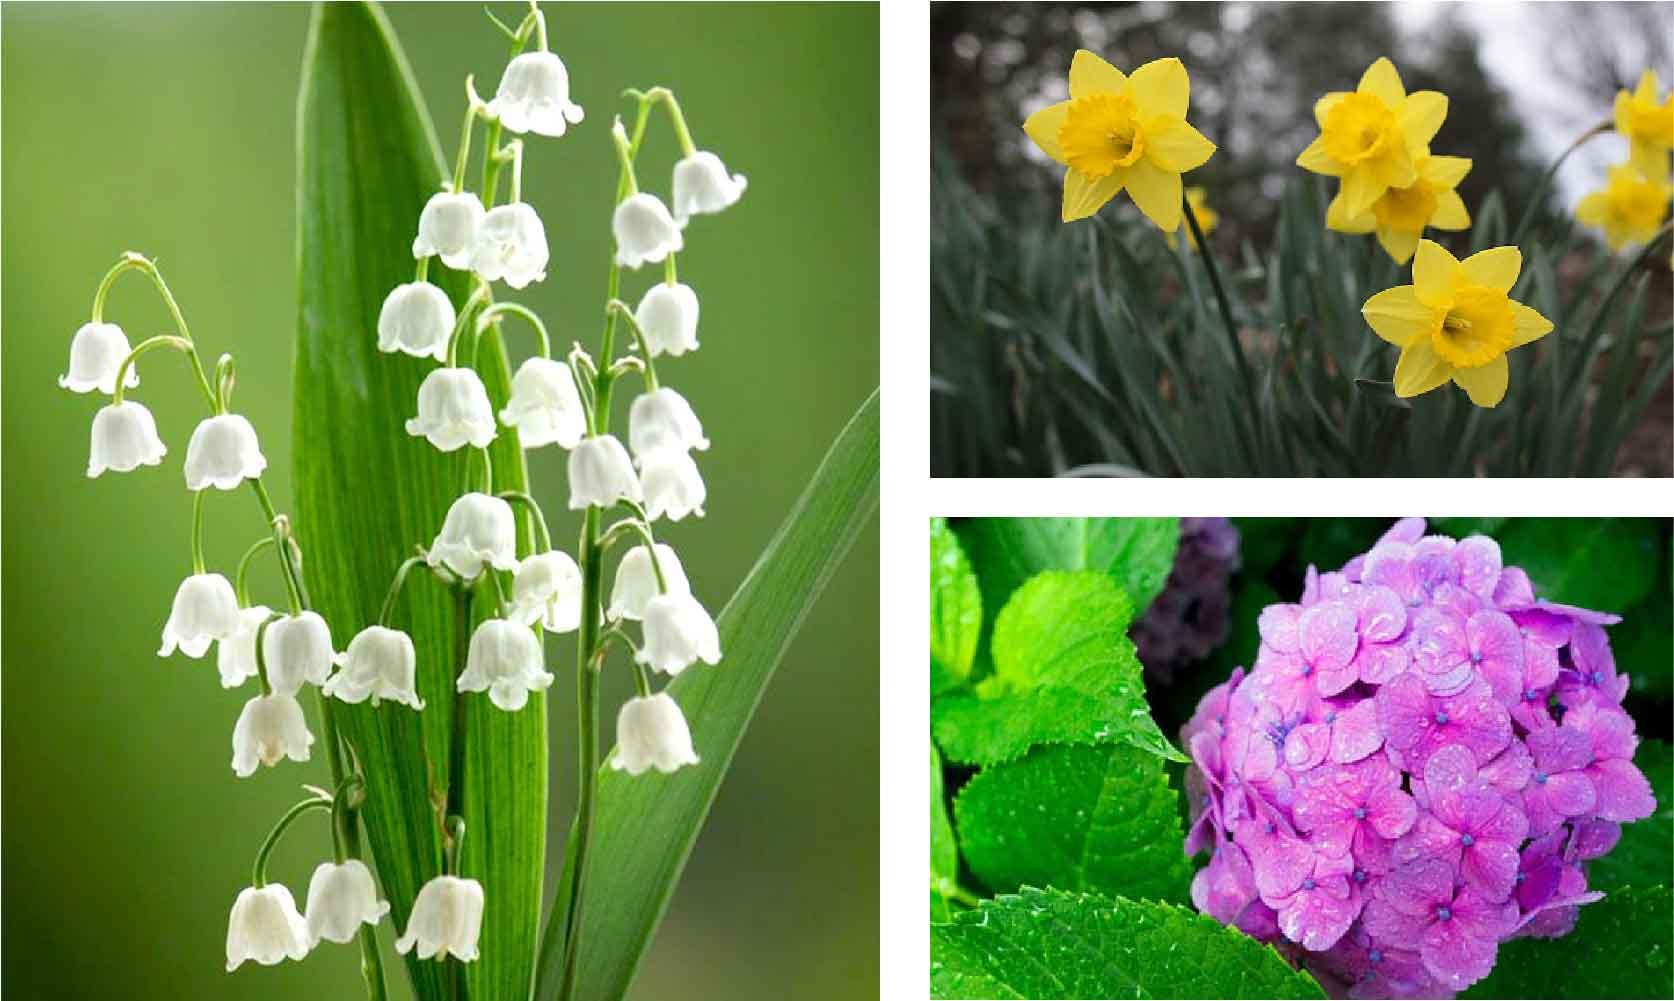 8 loại hoa mẹ bầu không nên tiếp xúc trong suốt thai kỳ